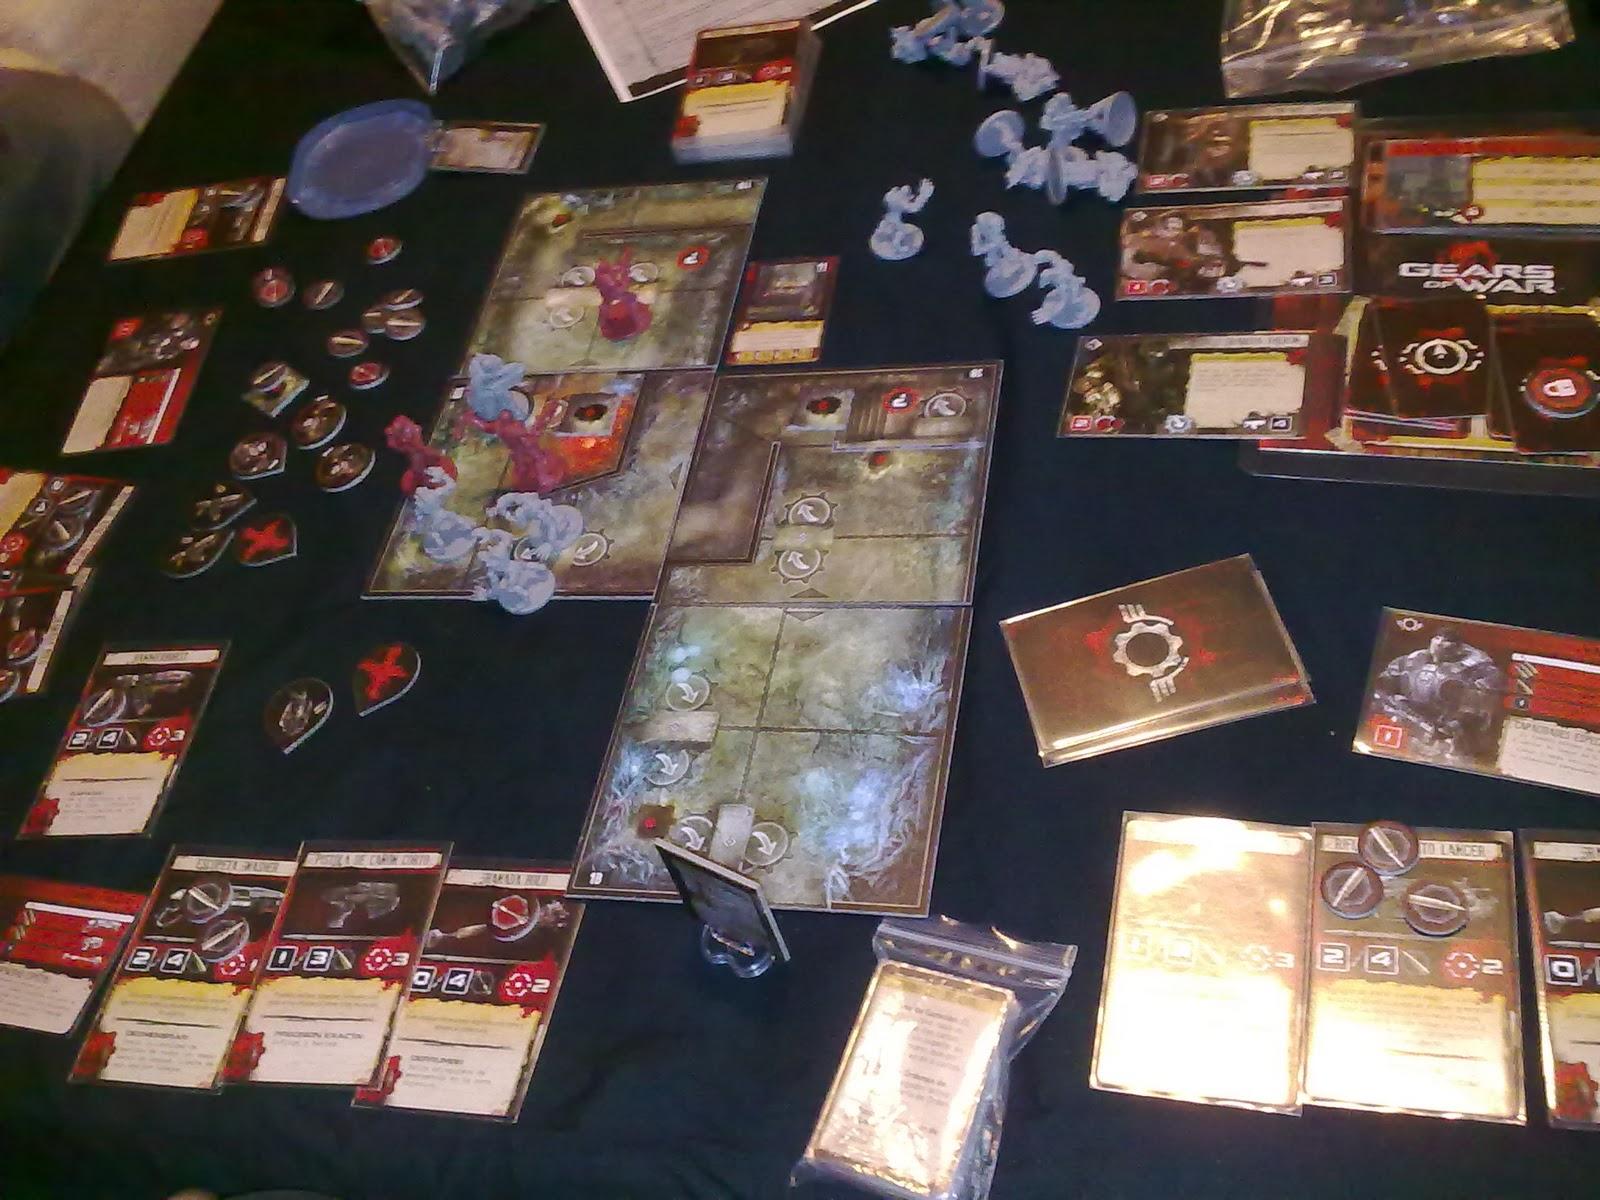 El ba l de los juguetes gears of war juego de tablero for Gears of war juego de mesa